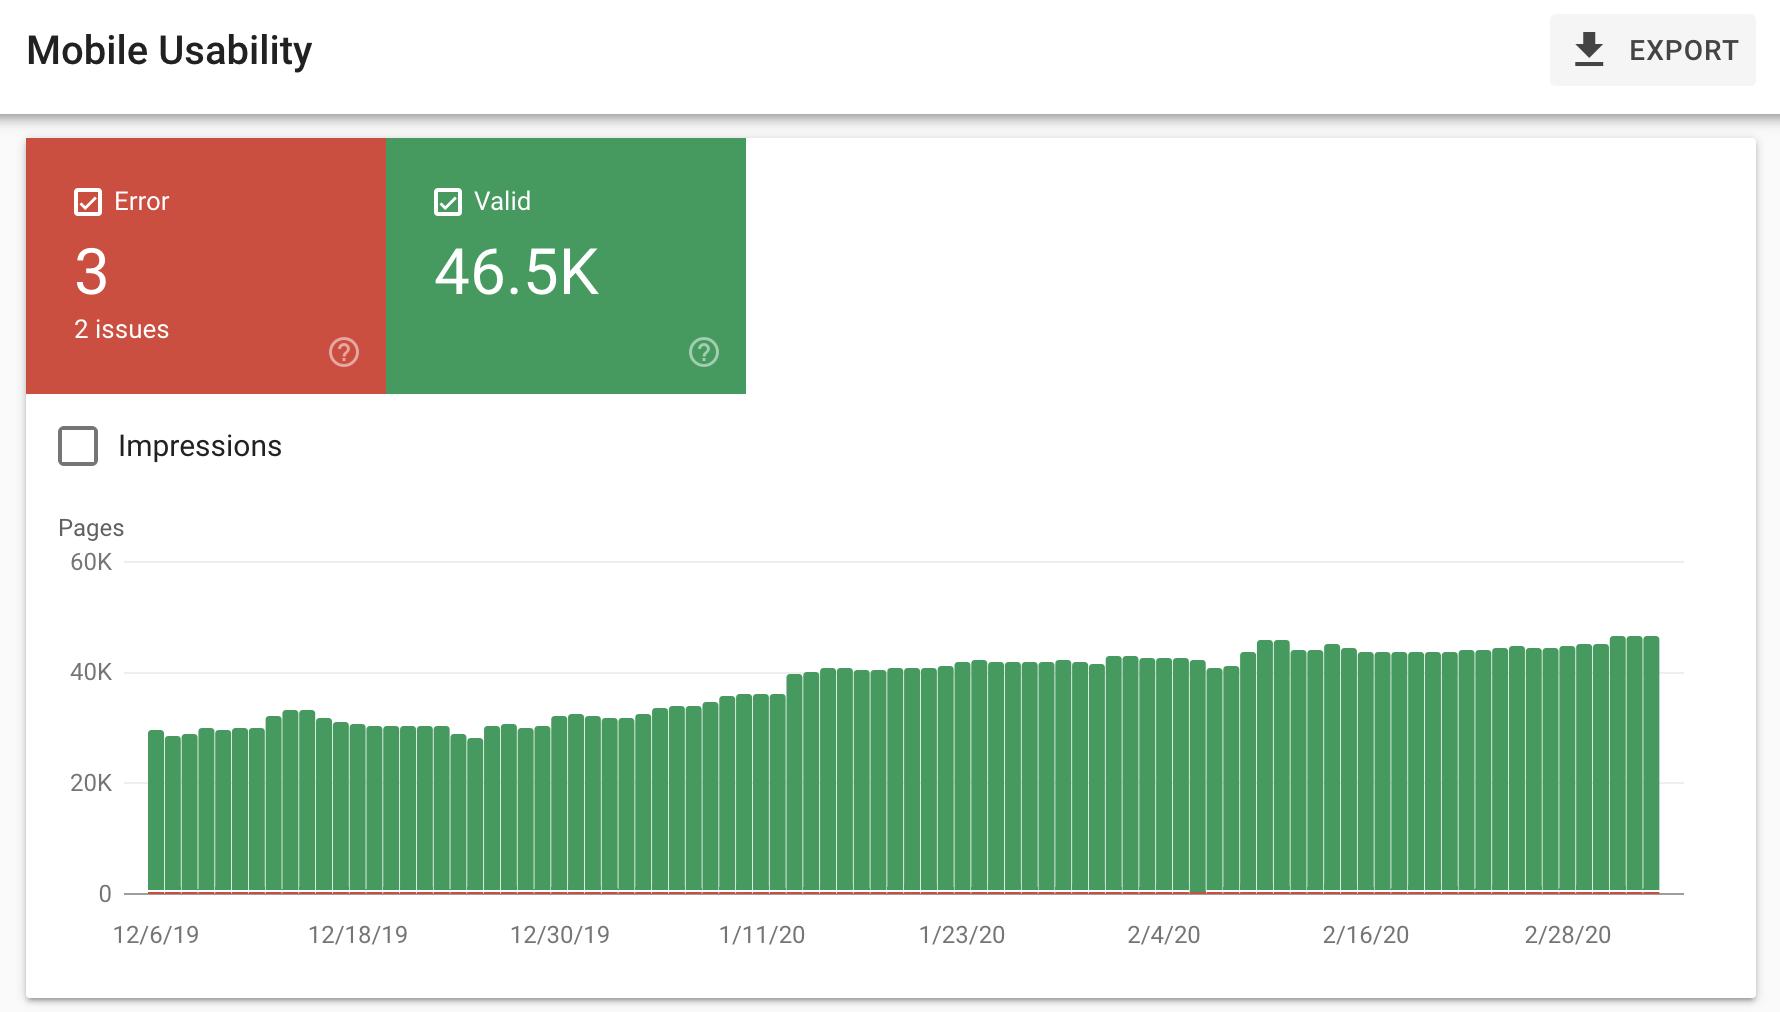 Rapport sur l'ergonomie mobile dans la SearchConsole